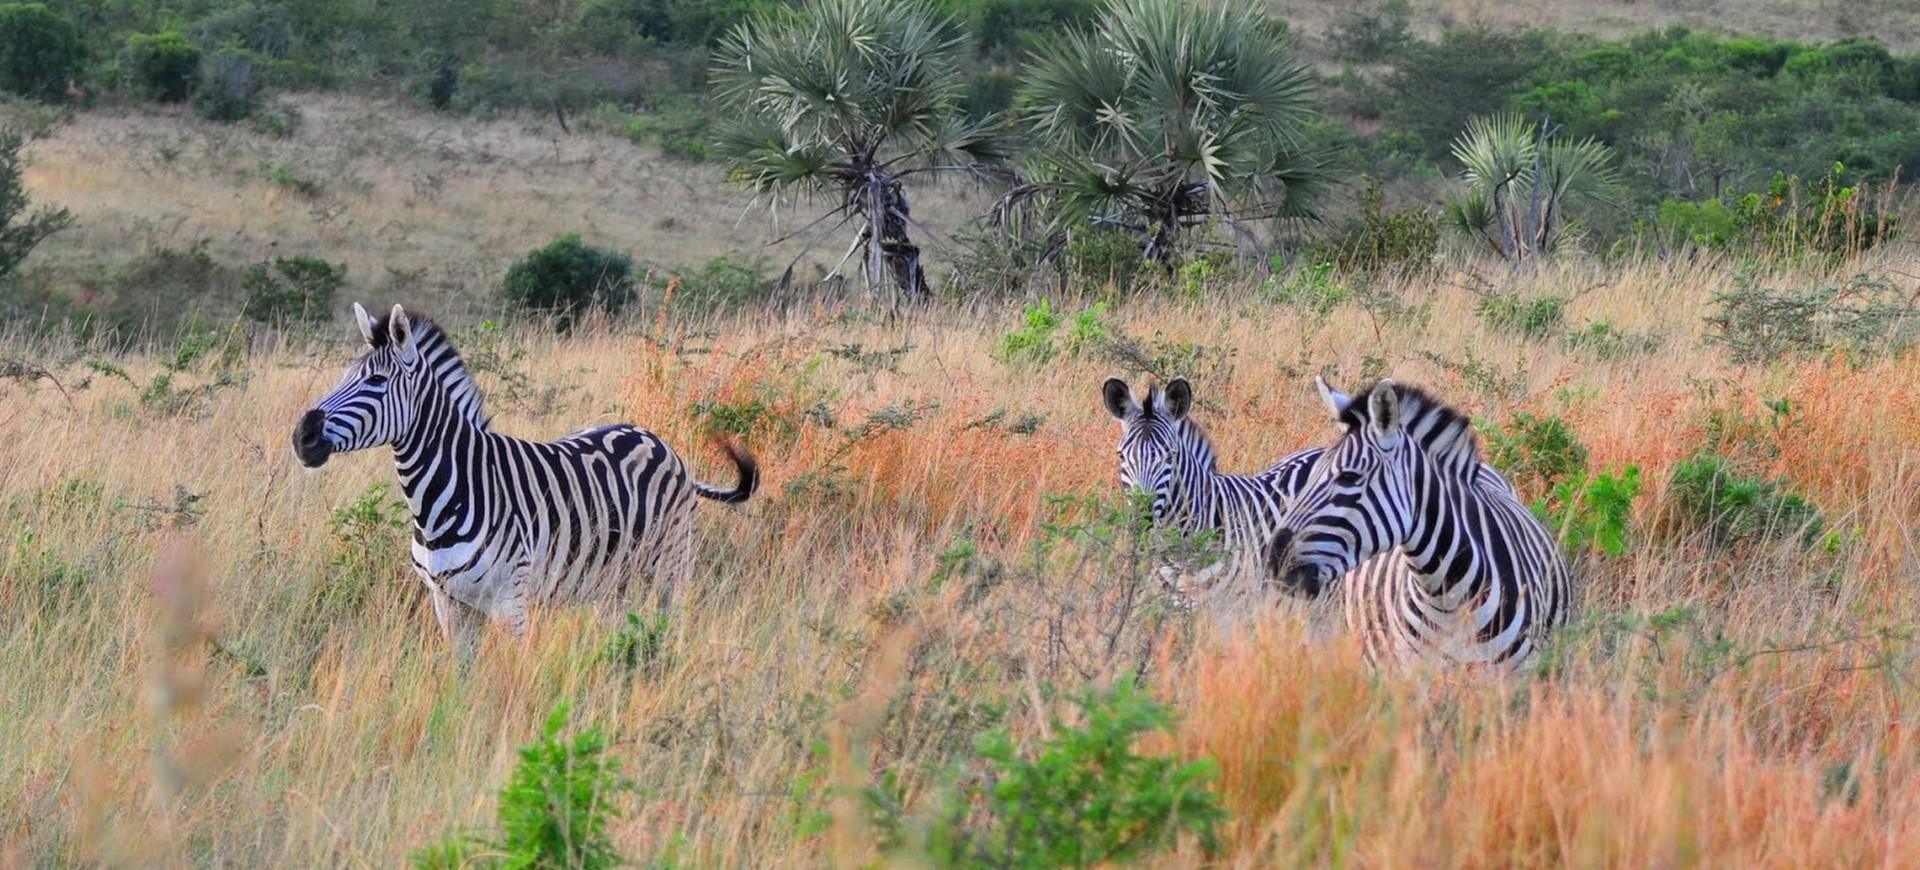 Namibie Parc National d'Etosha Troupeau de Zèbres